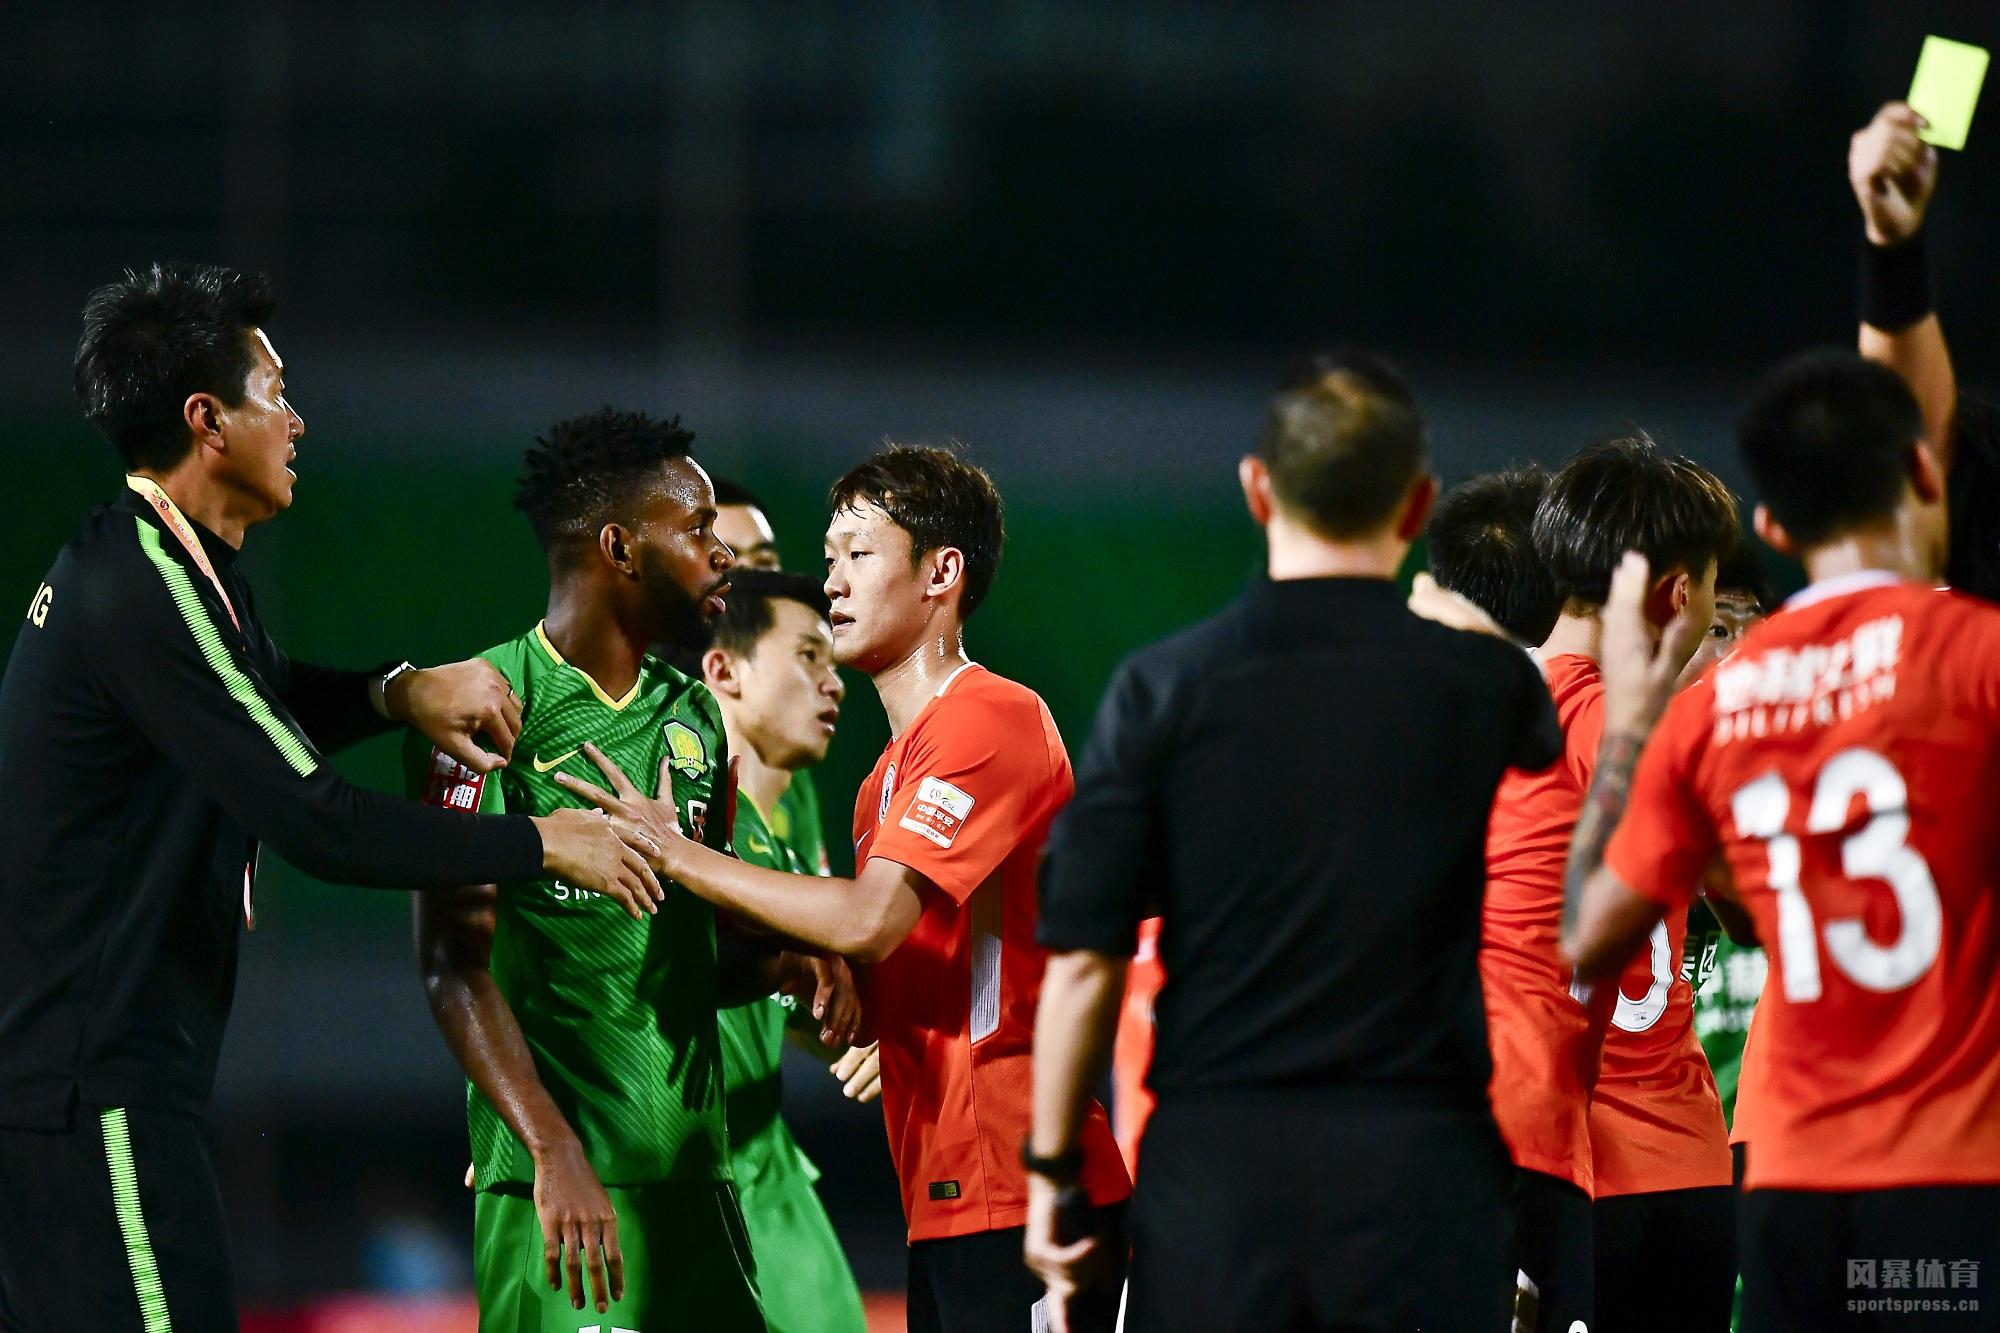 中超联赛第19轮一场比赛在丰台体育中心进行,北京人和主场对阵北京国安。上半场穆坎乔首开纪录,随后姜涛吃到红牌,马西卡再入一球,下半场迪奥普点球破门。最终人和3-0战胜十人国安终结五轮不胜,同时也终结国安十七轮不败的纪录。